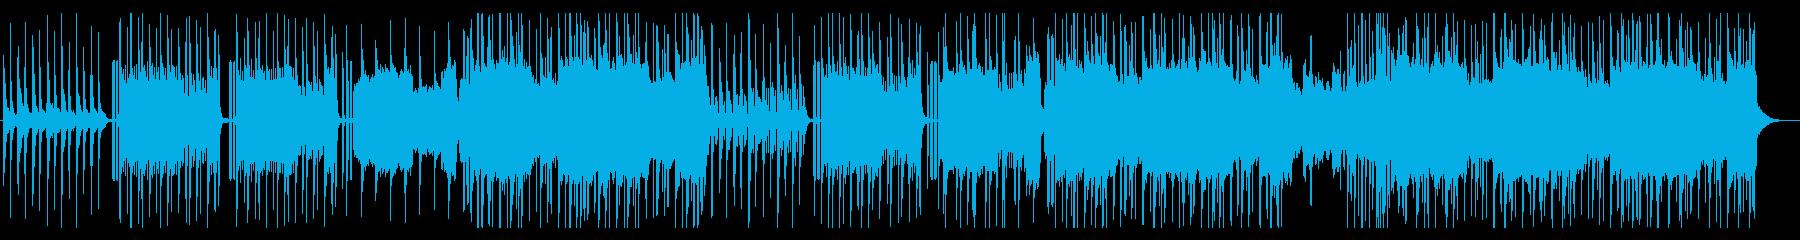 クールで華やかなK-POPのトラックの再生済みの波形